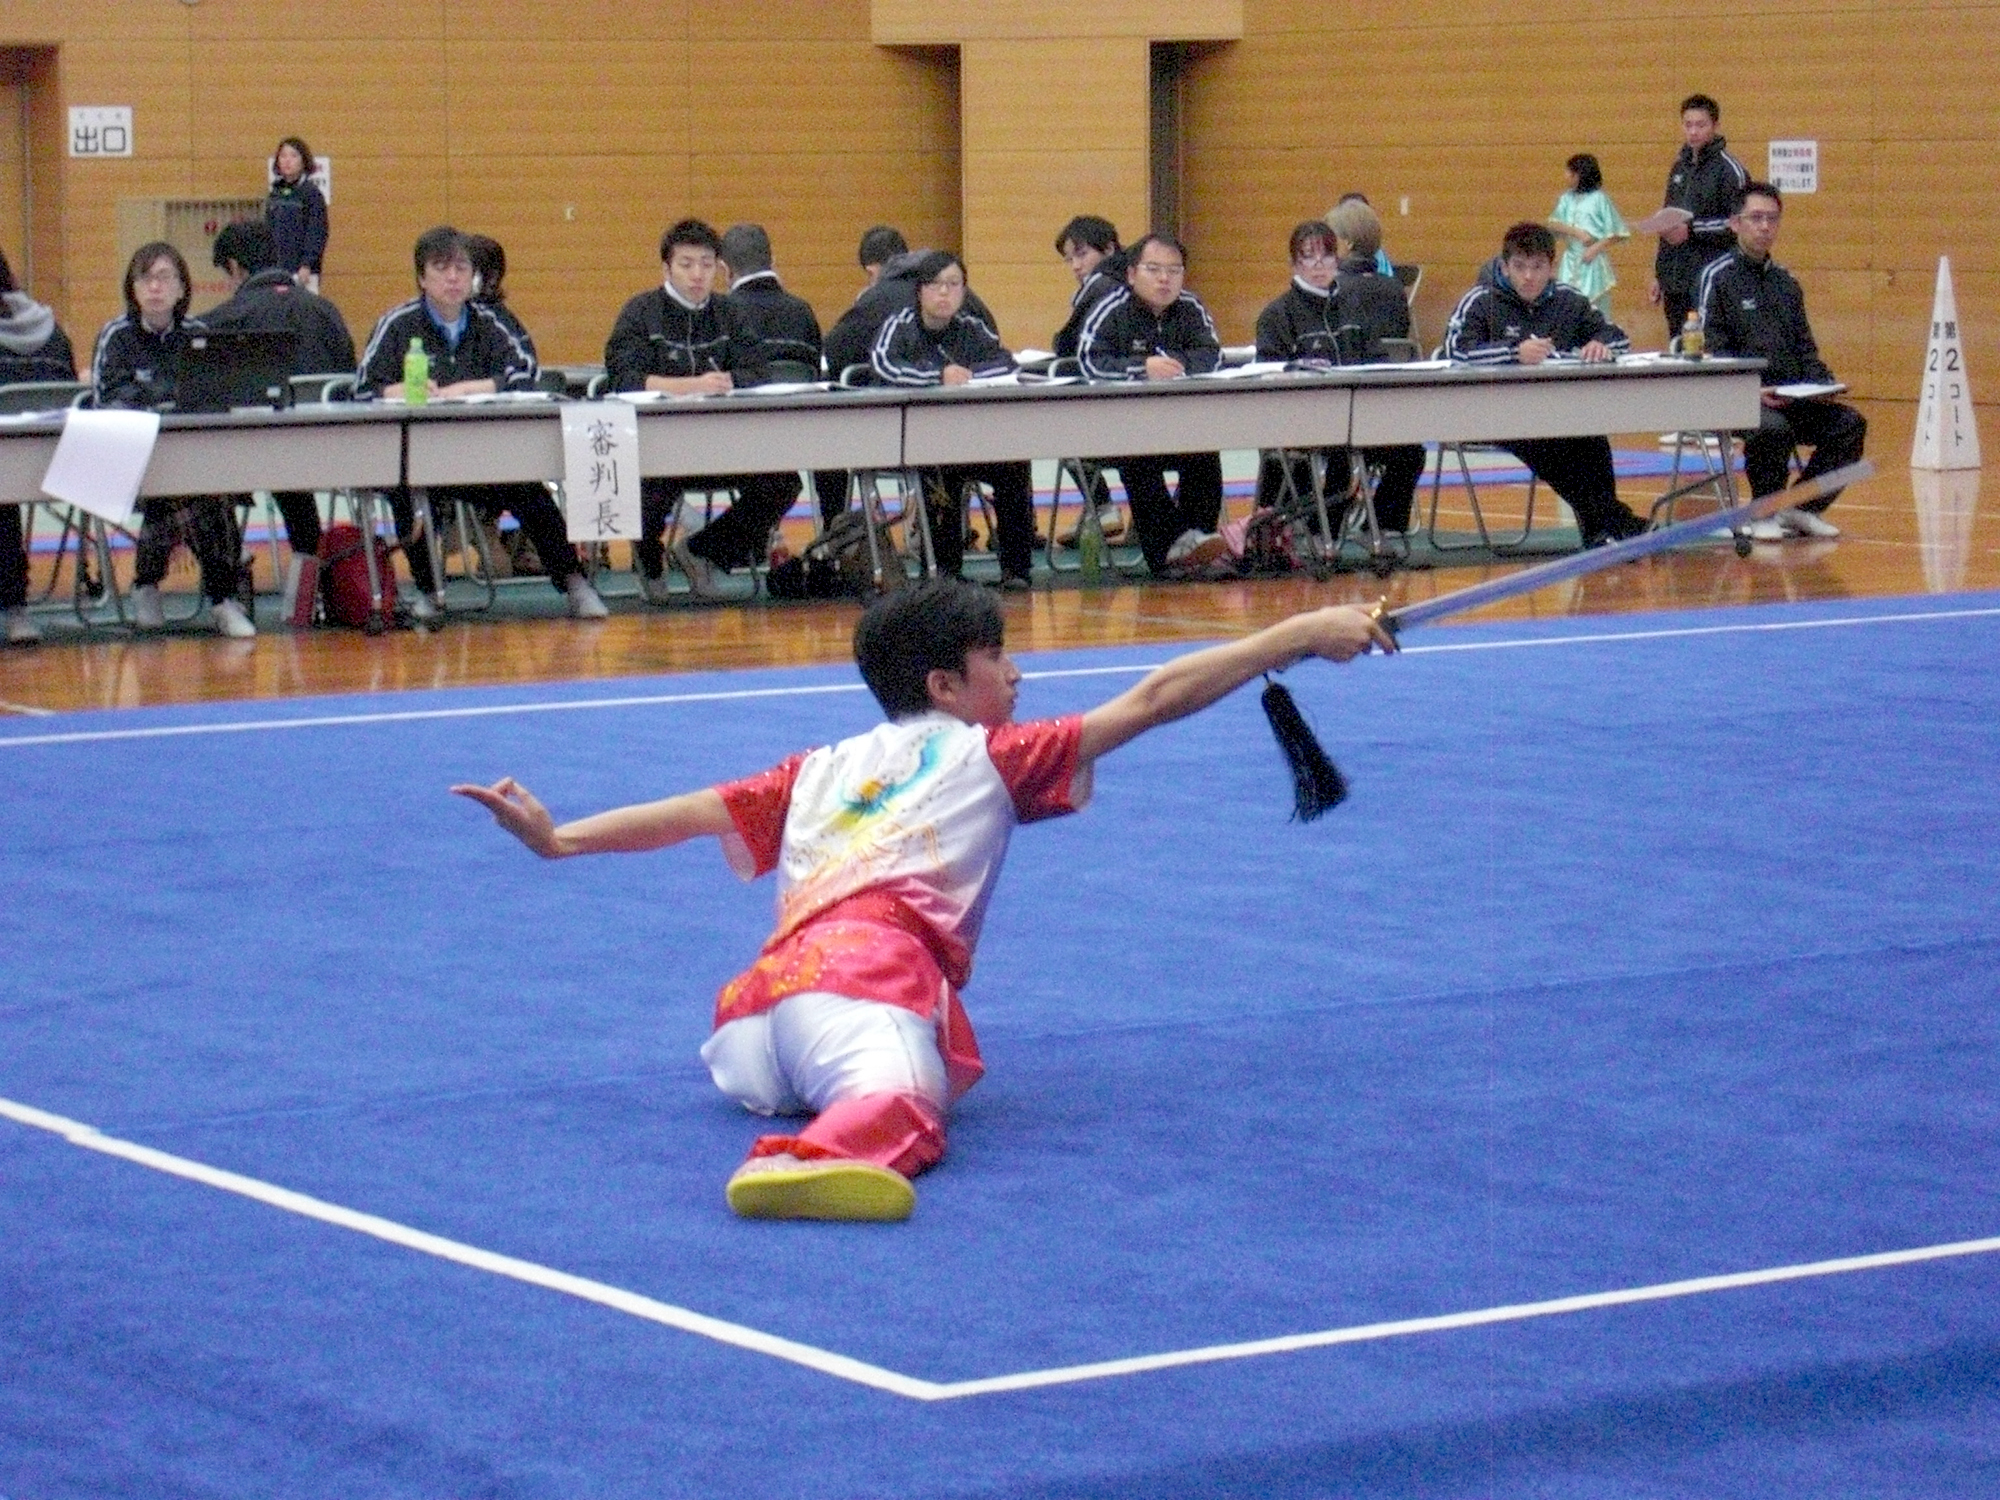 安良城基睦選手の国際第三套路剣術の演武